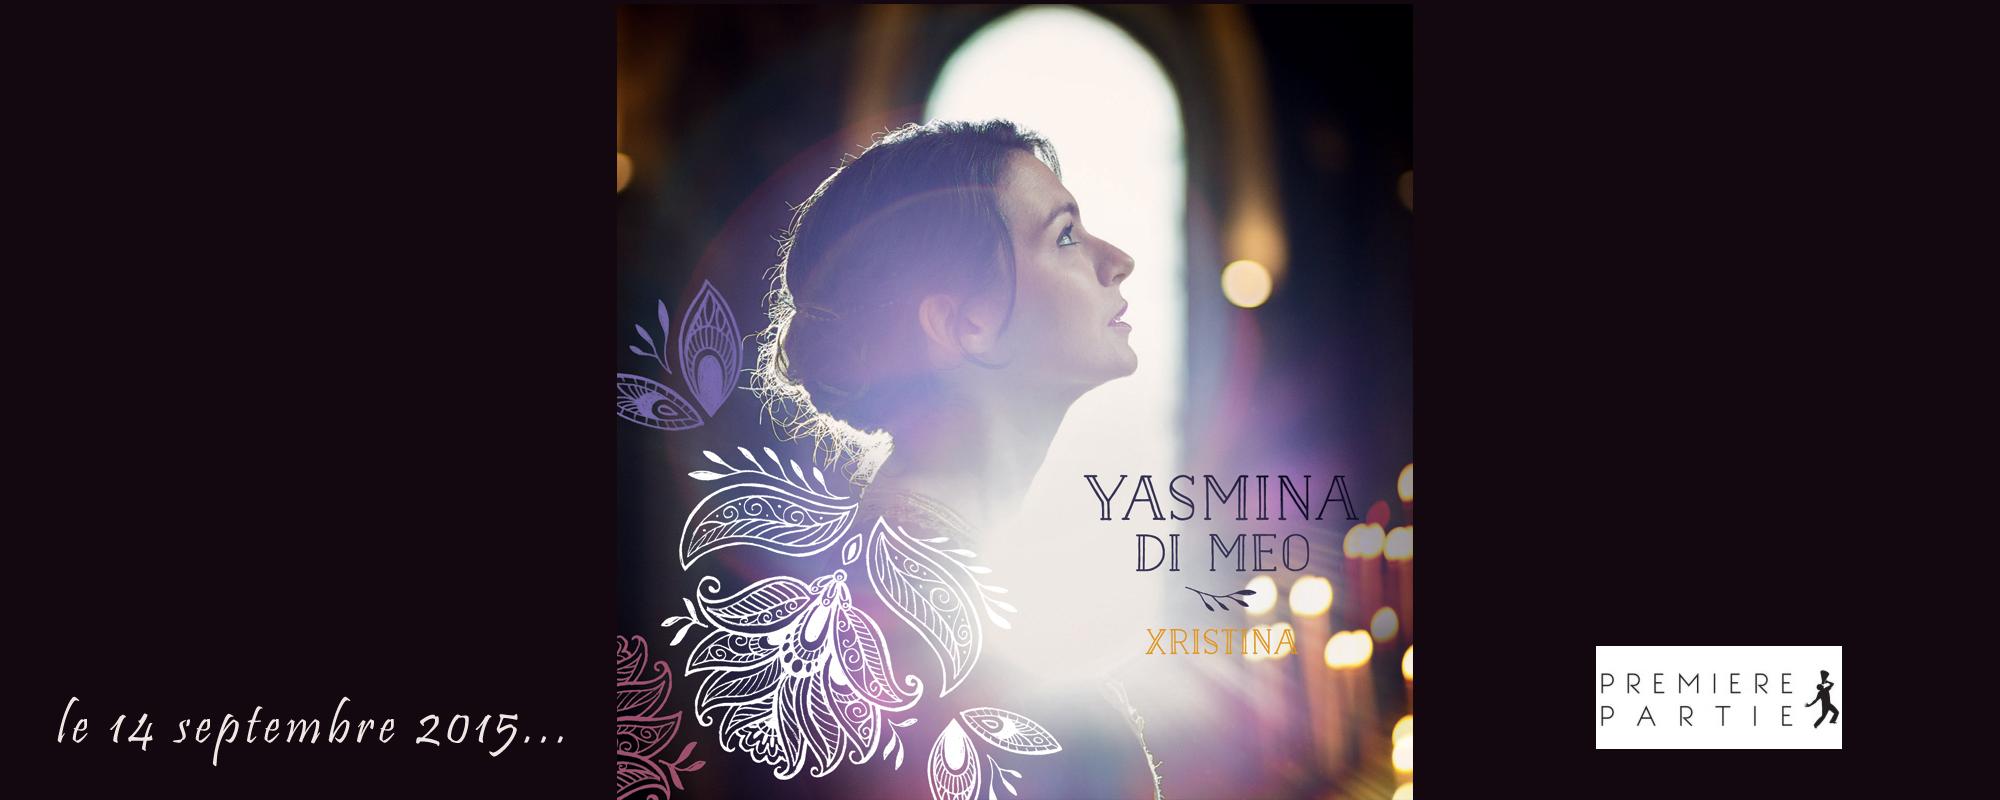 Yasmina di Meo